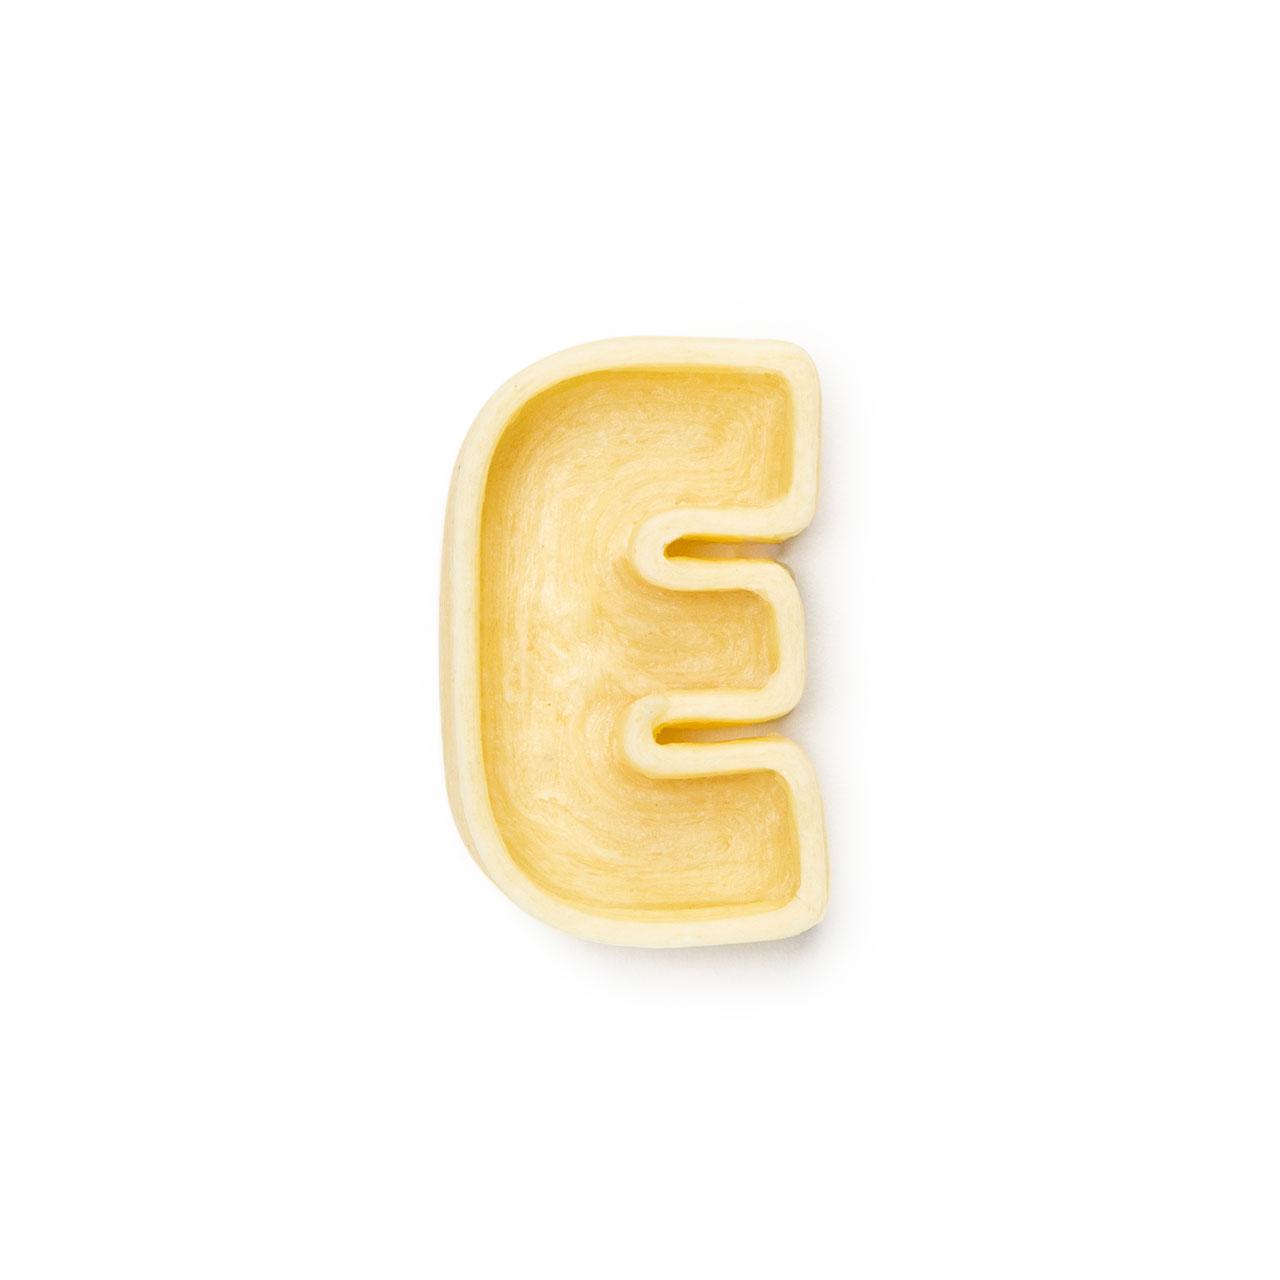 La lettera E di pasta